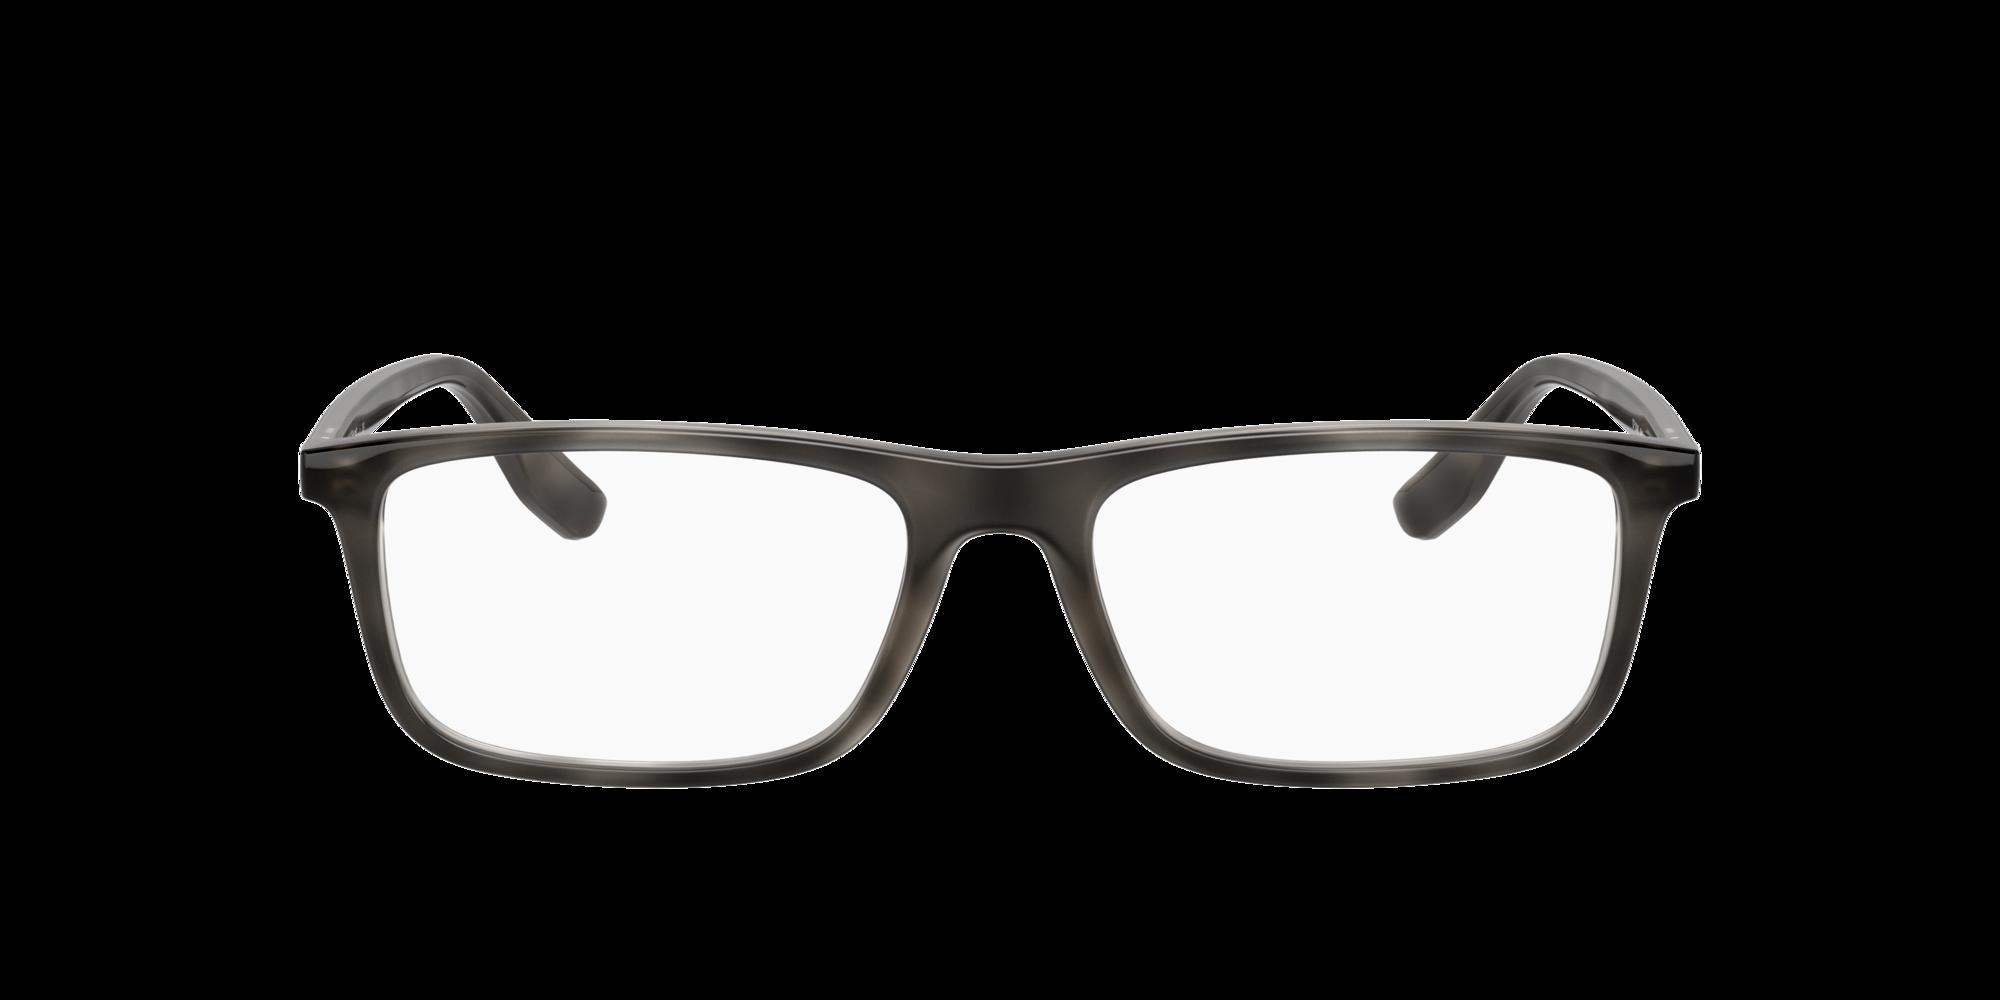 Imagen para CP3046 de LensCrafters    Espejuelos, espejuelos graduados en línea, gafas